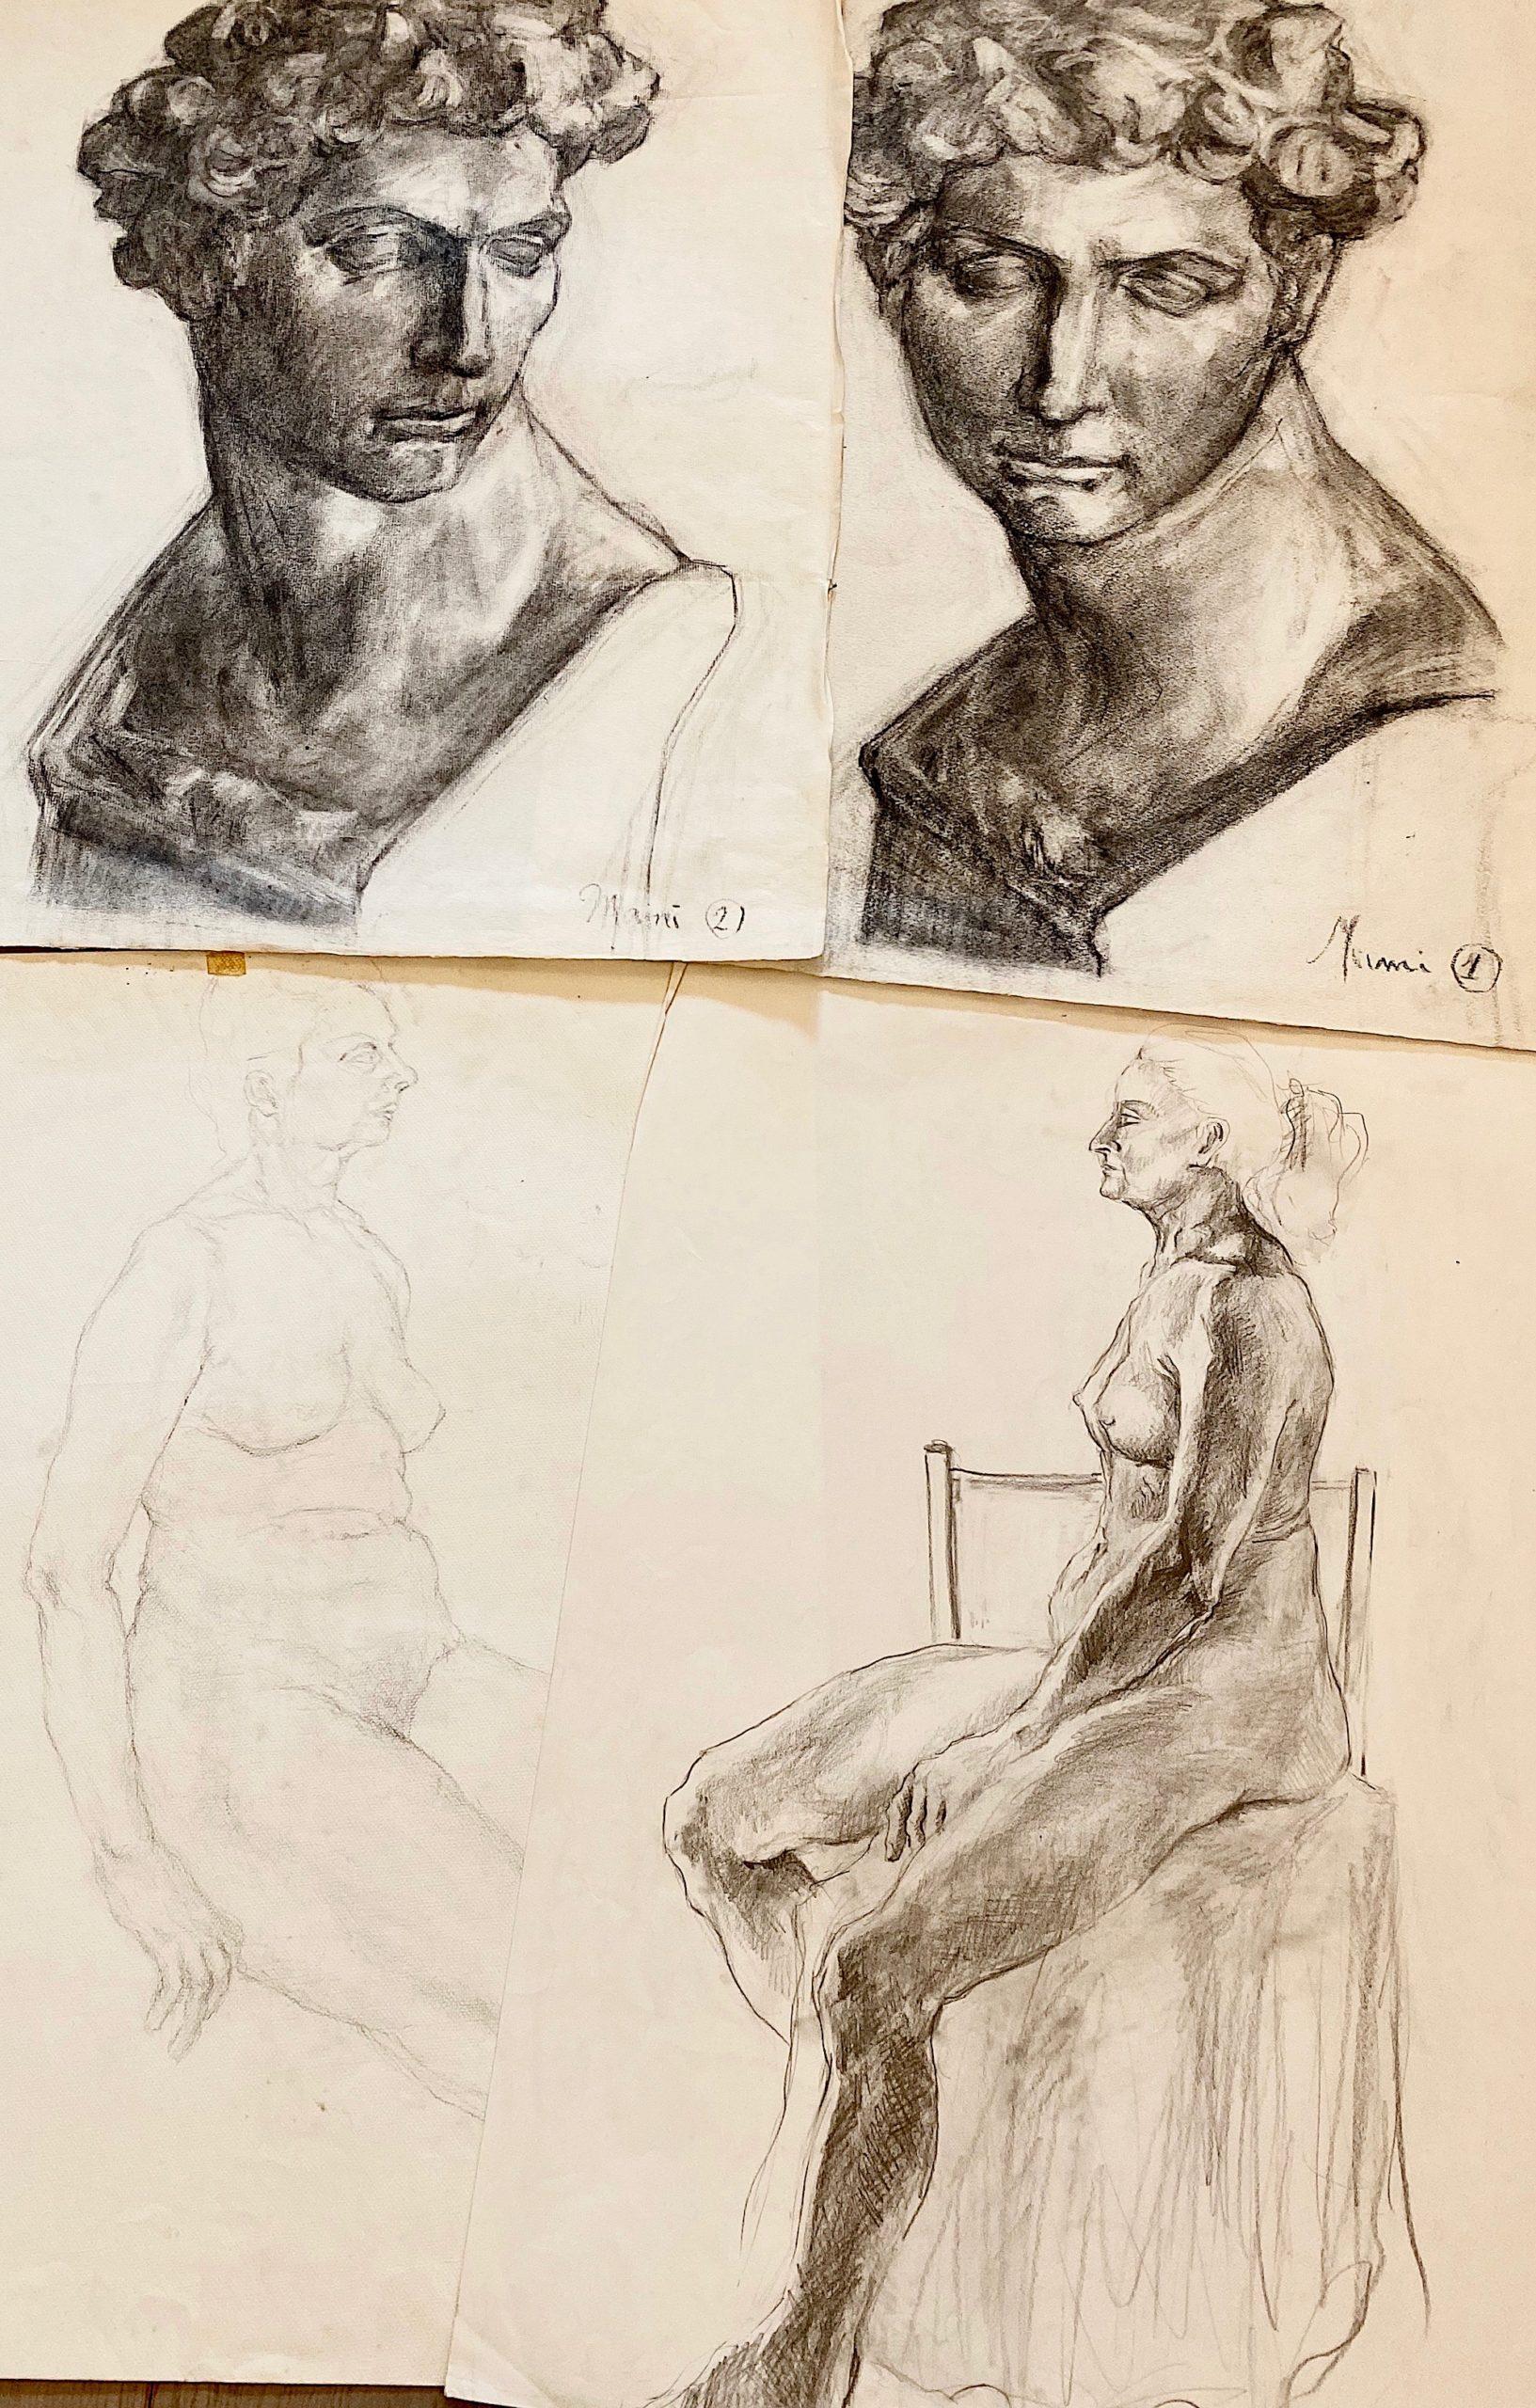 MAMI / Images et Poésie, Dans mon Atelier., Hier et Aujourd'hui